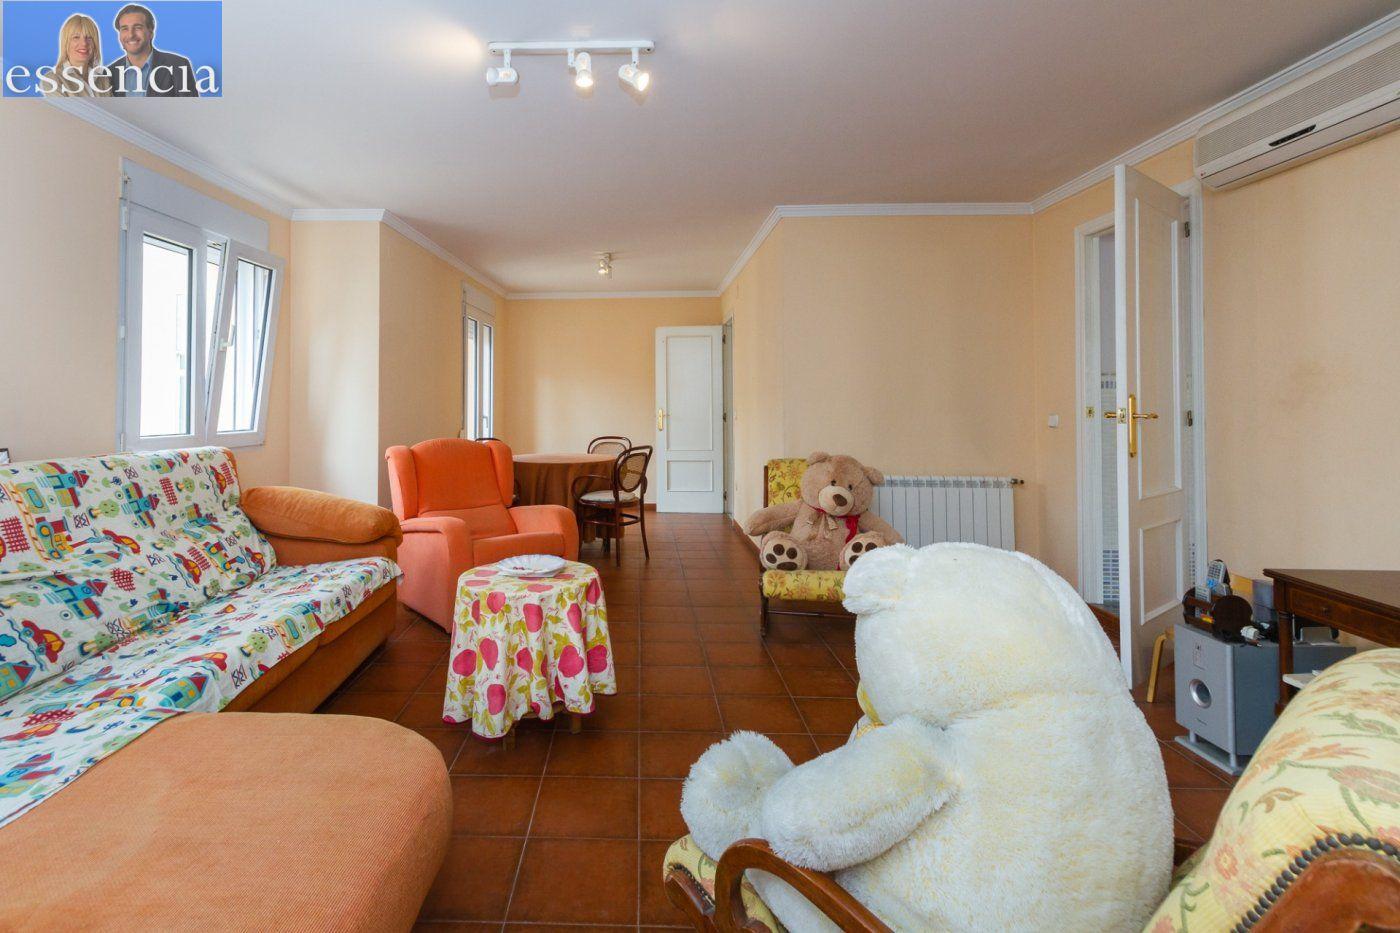 Casa con encanto en el centro de gandÍa para clientes vip - imagenInmueble25